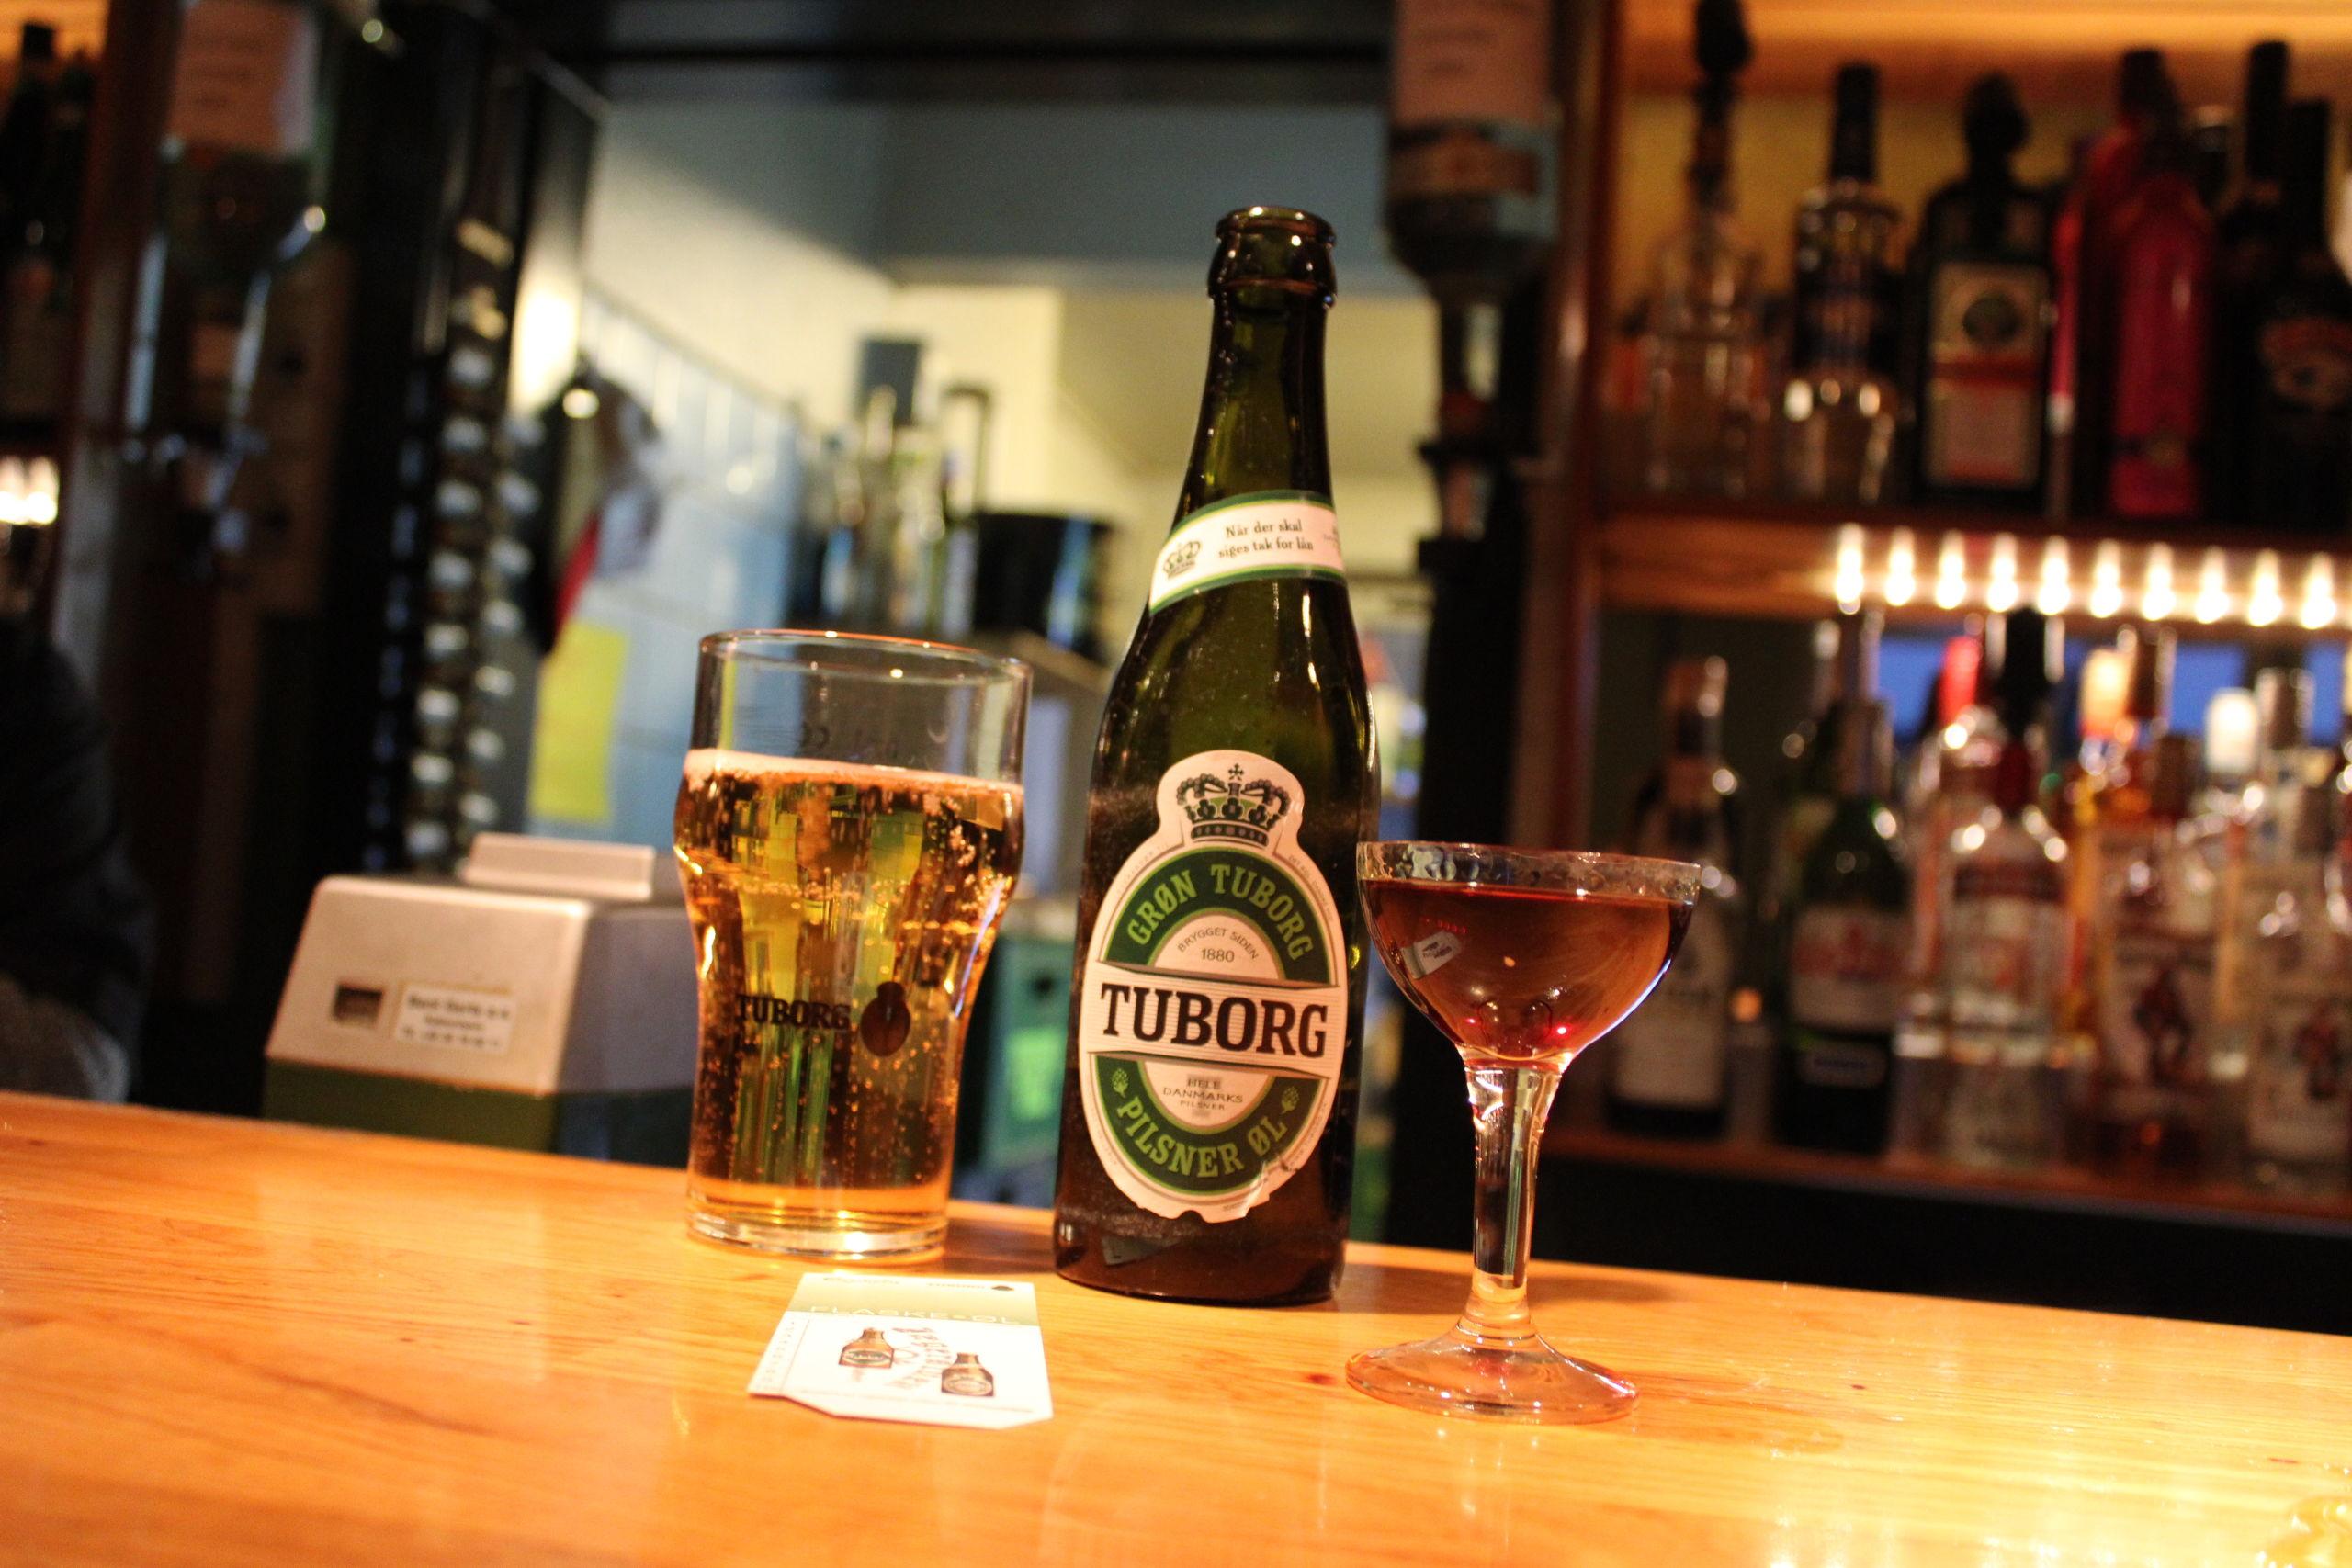 Et klassisk sæt på mange af byens brune værtshuse - En Fernet Branca og en Grøn Tuborg. Foto: Pauline Vink